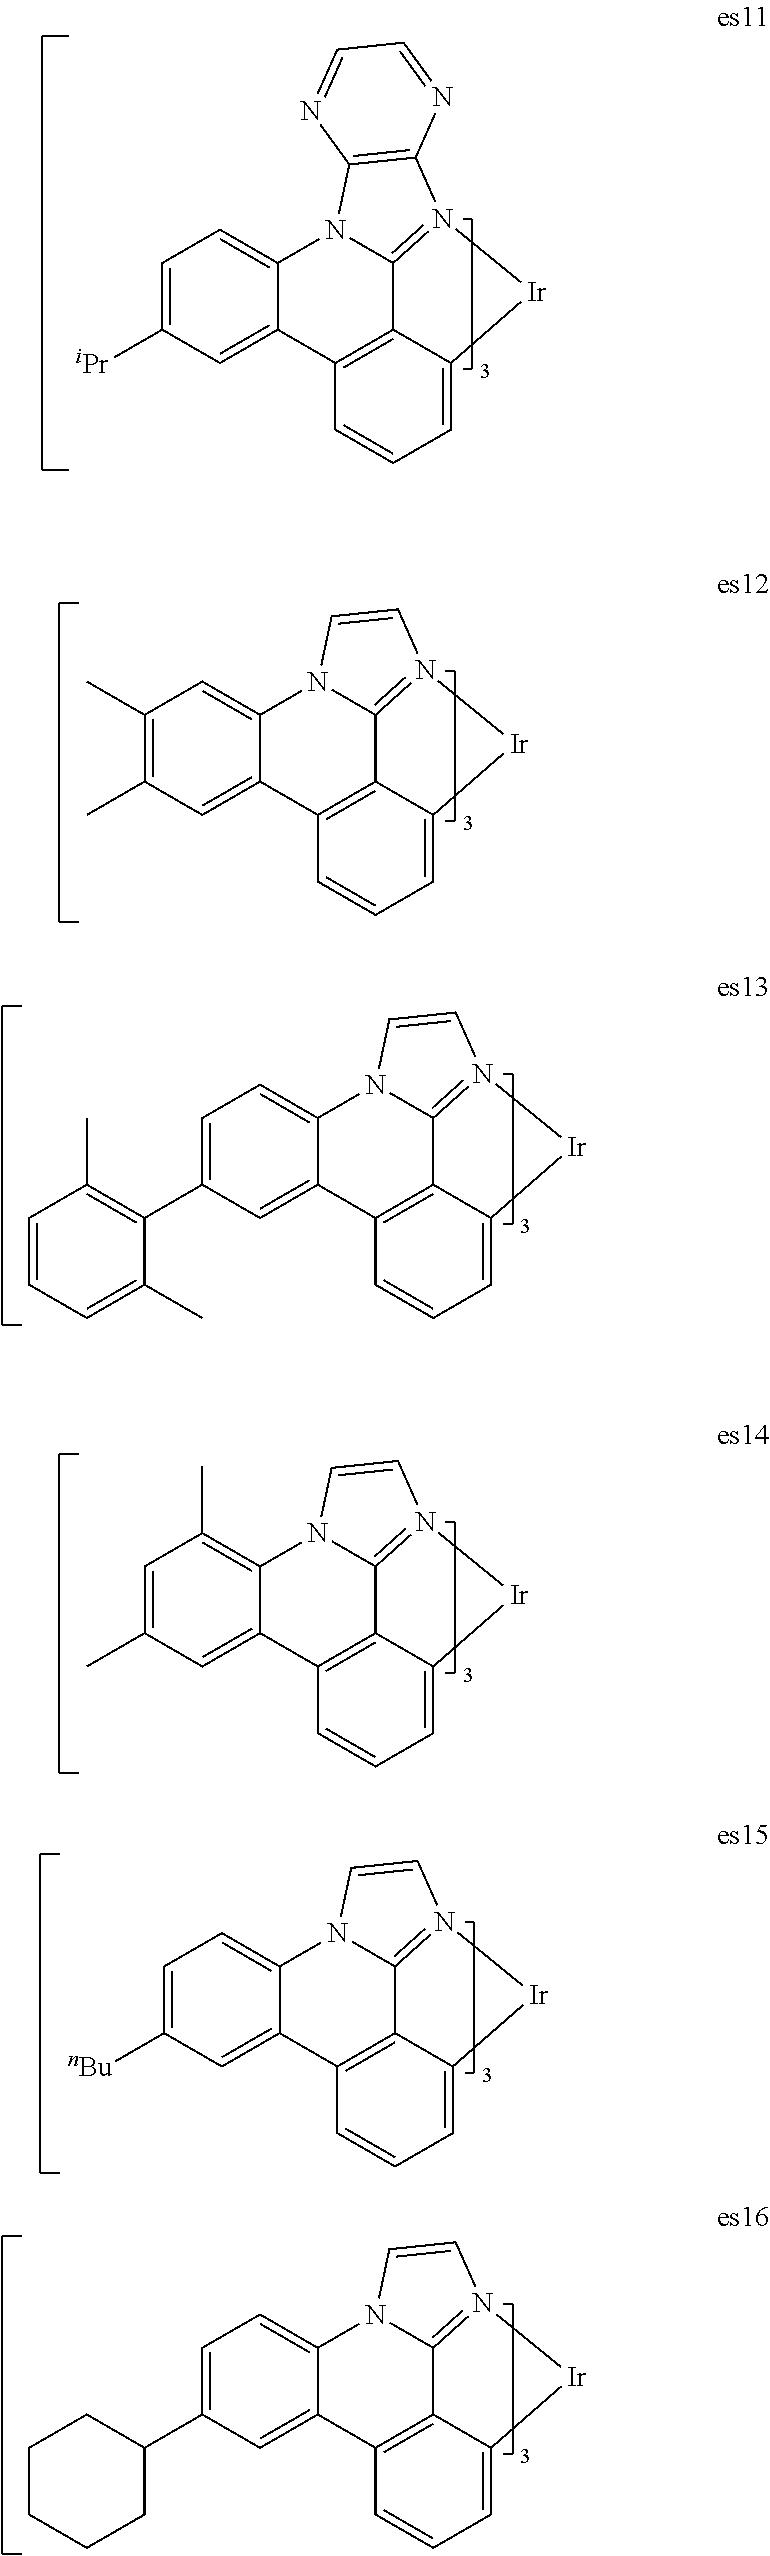 Figure US20110073849A1-20110331-C00012